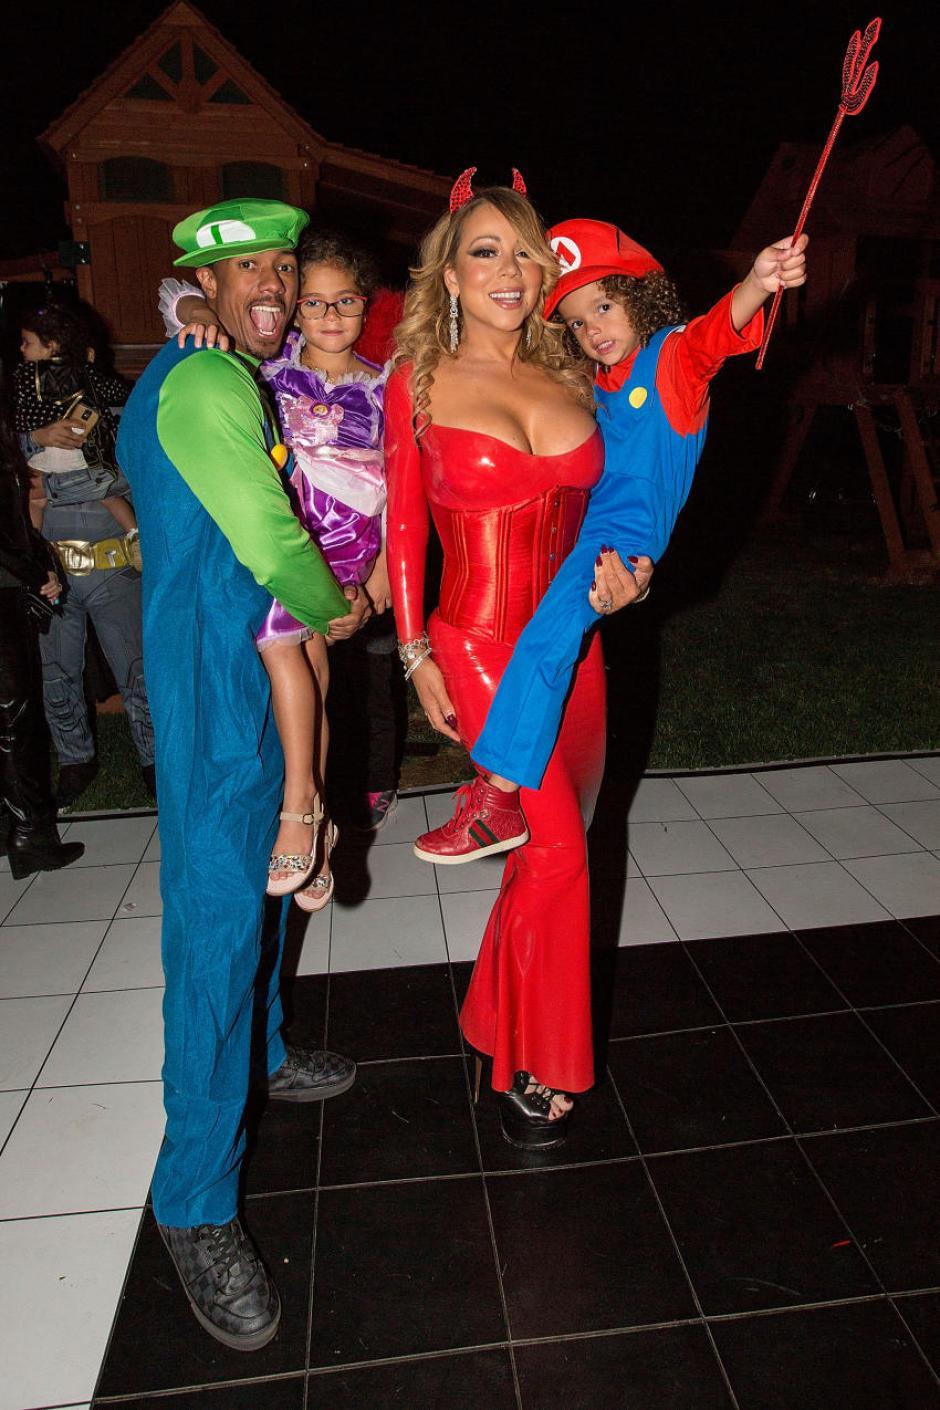 Todos estaban debidamente vestidos para una fiesta que dio en su casa en LA. (Foto: Quién)